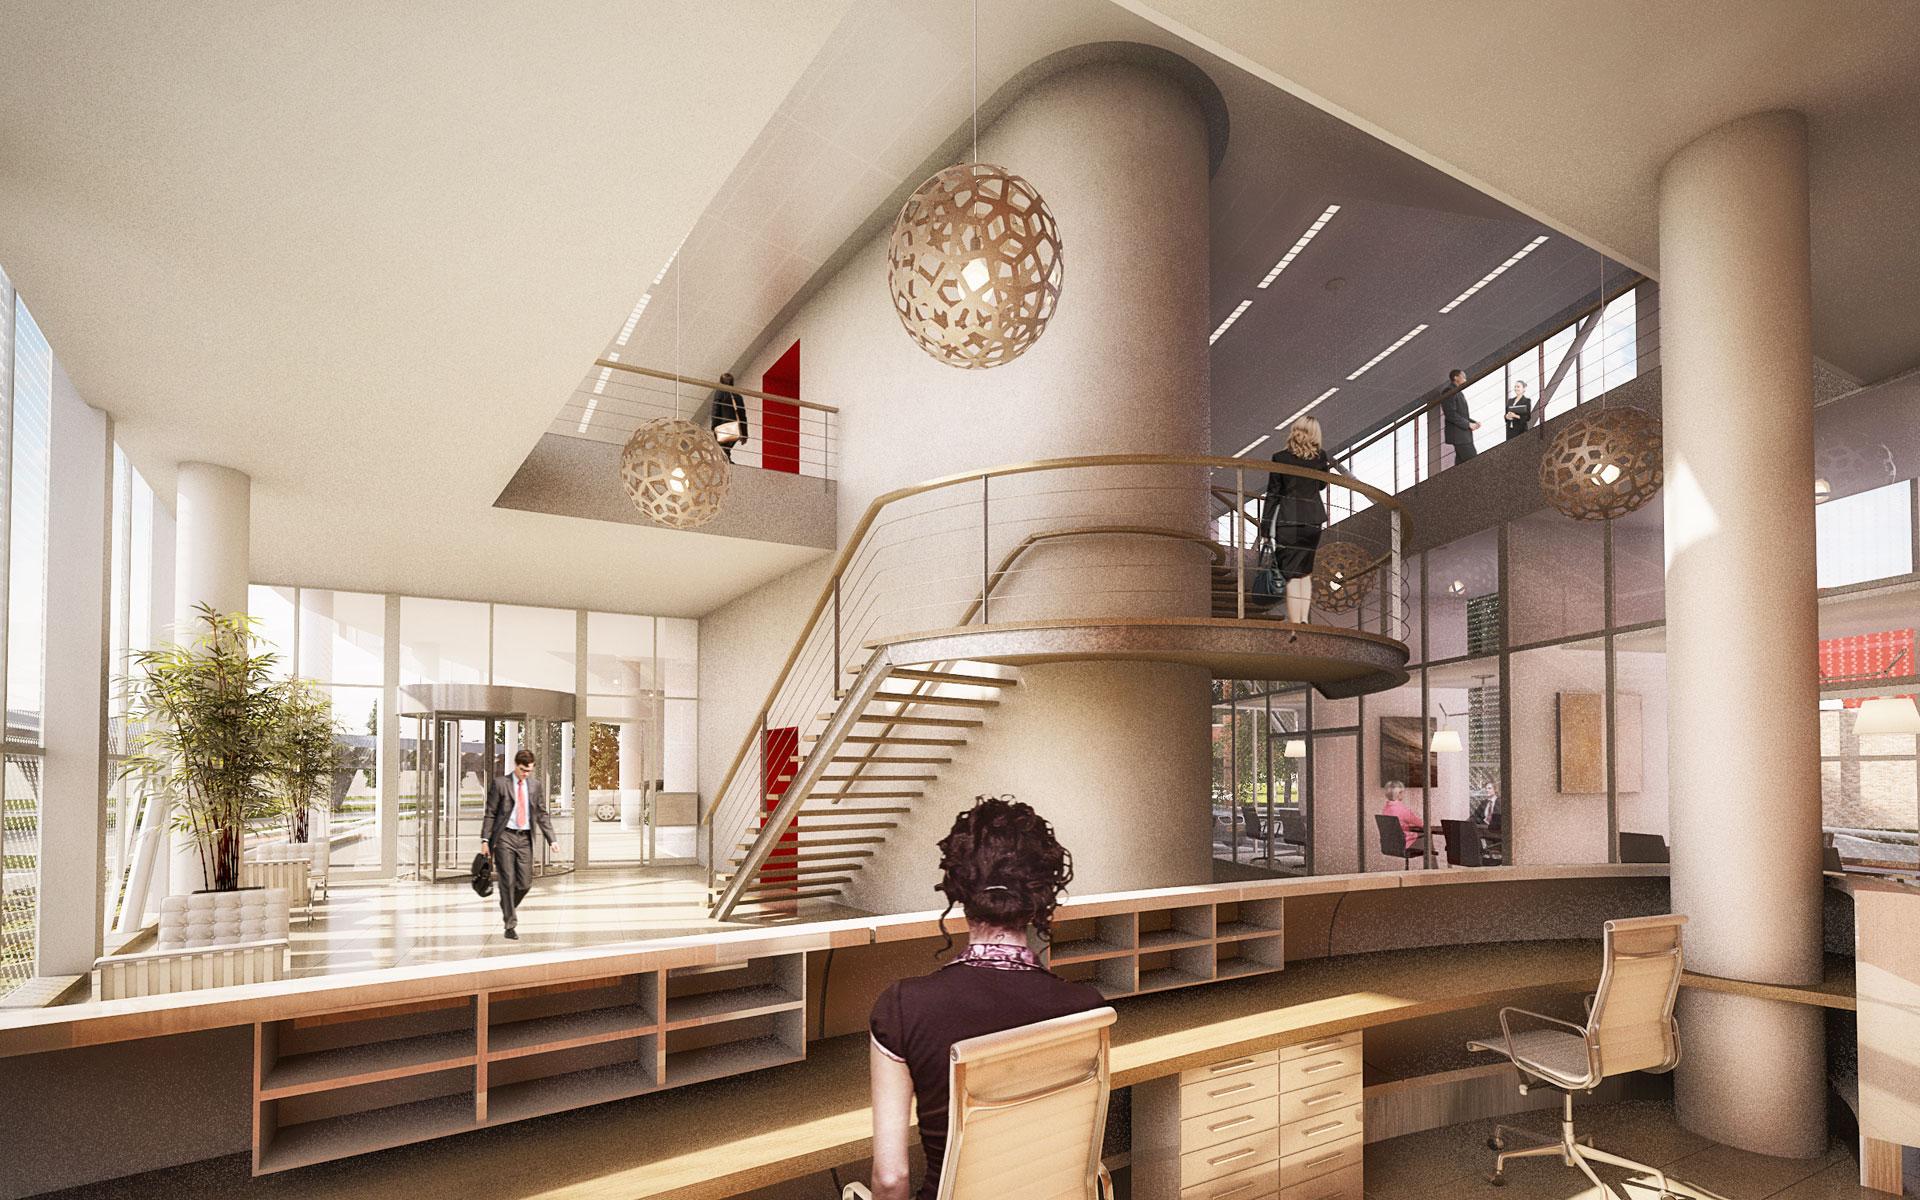 Artdepot Kantoor Rijswijk - BINT architecten